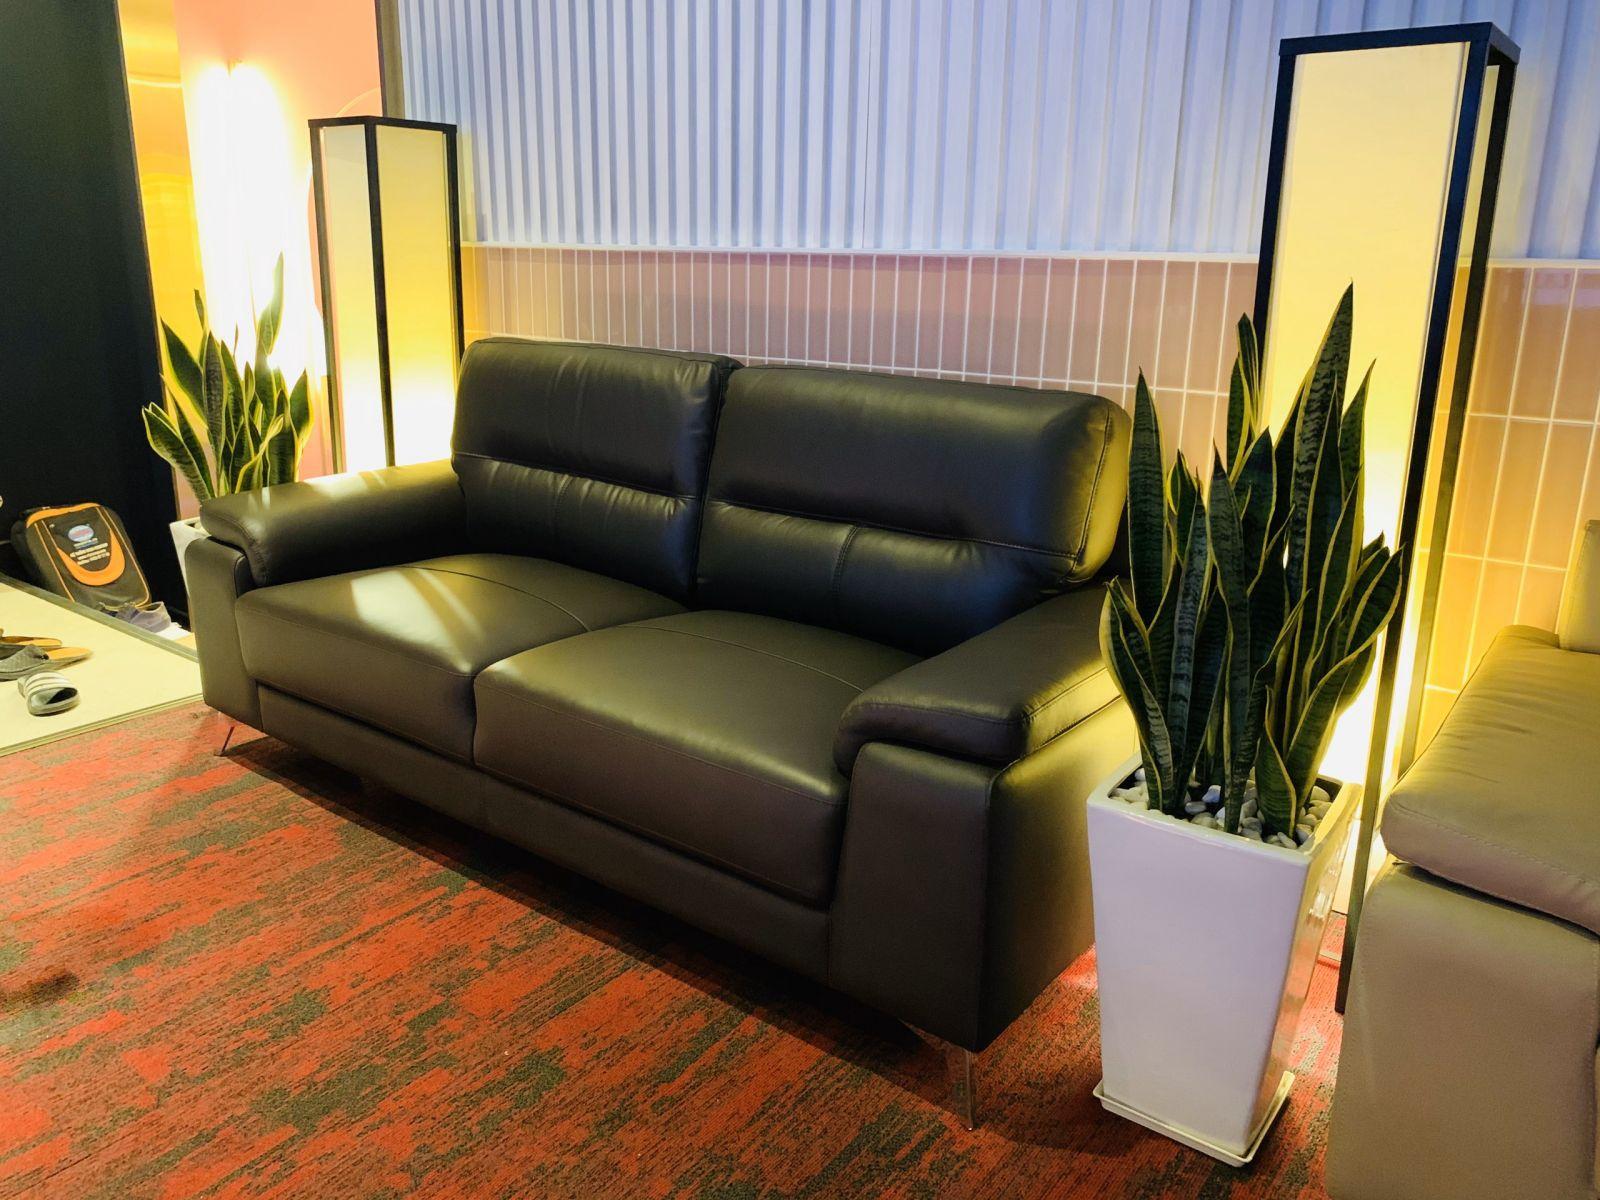 sofa da nhập khẩu 100%